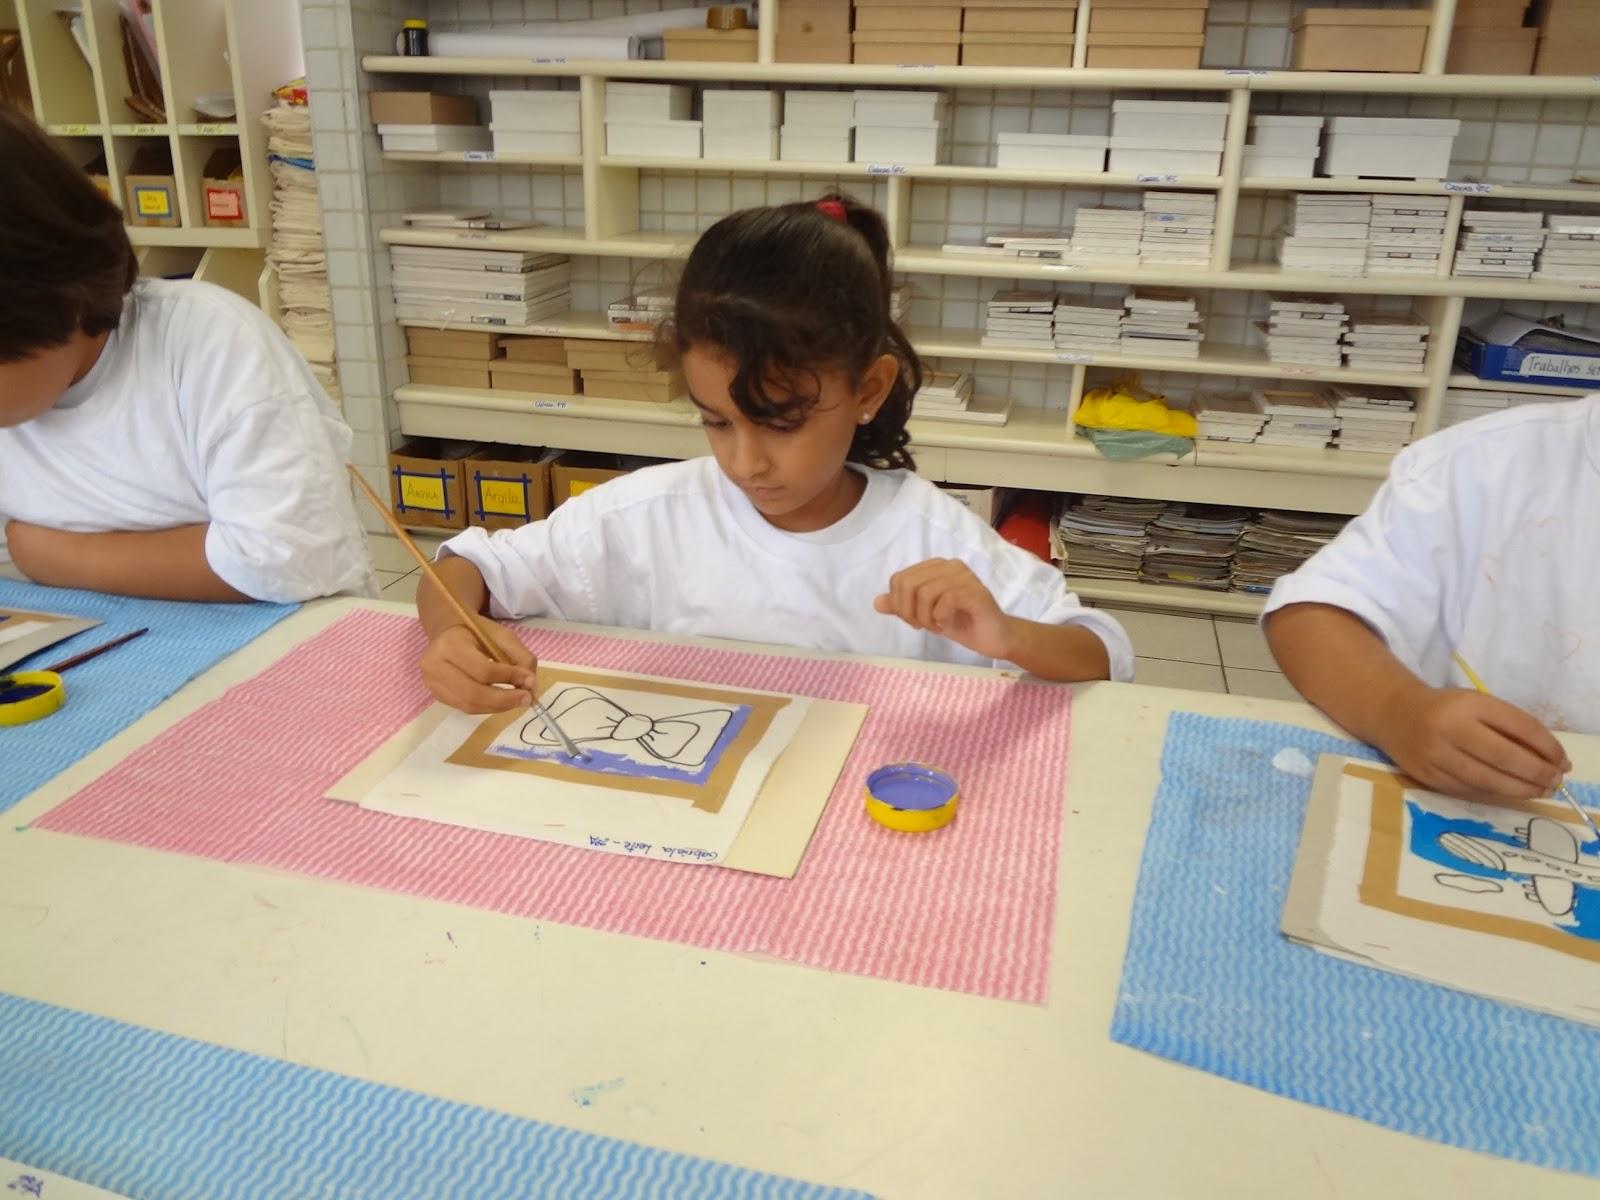 O Que Mais Vende Em Artesanato ~ Artes Visuais na escola Cultura popular do nordeste Artesanato